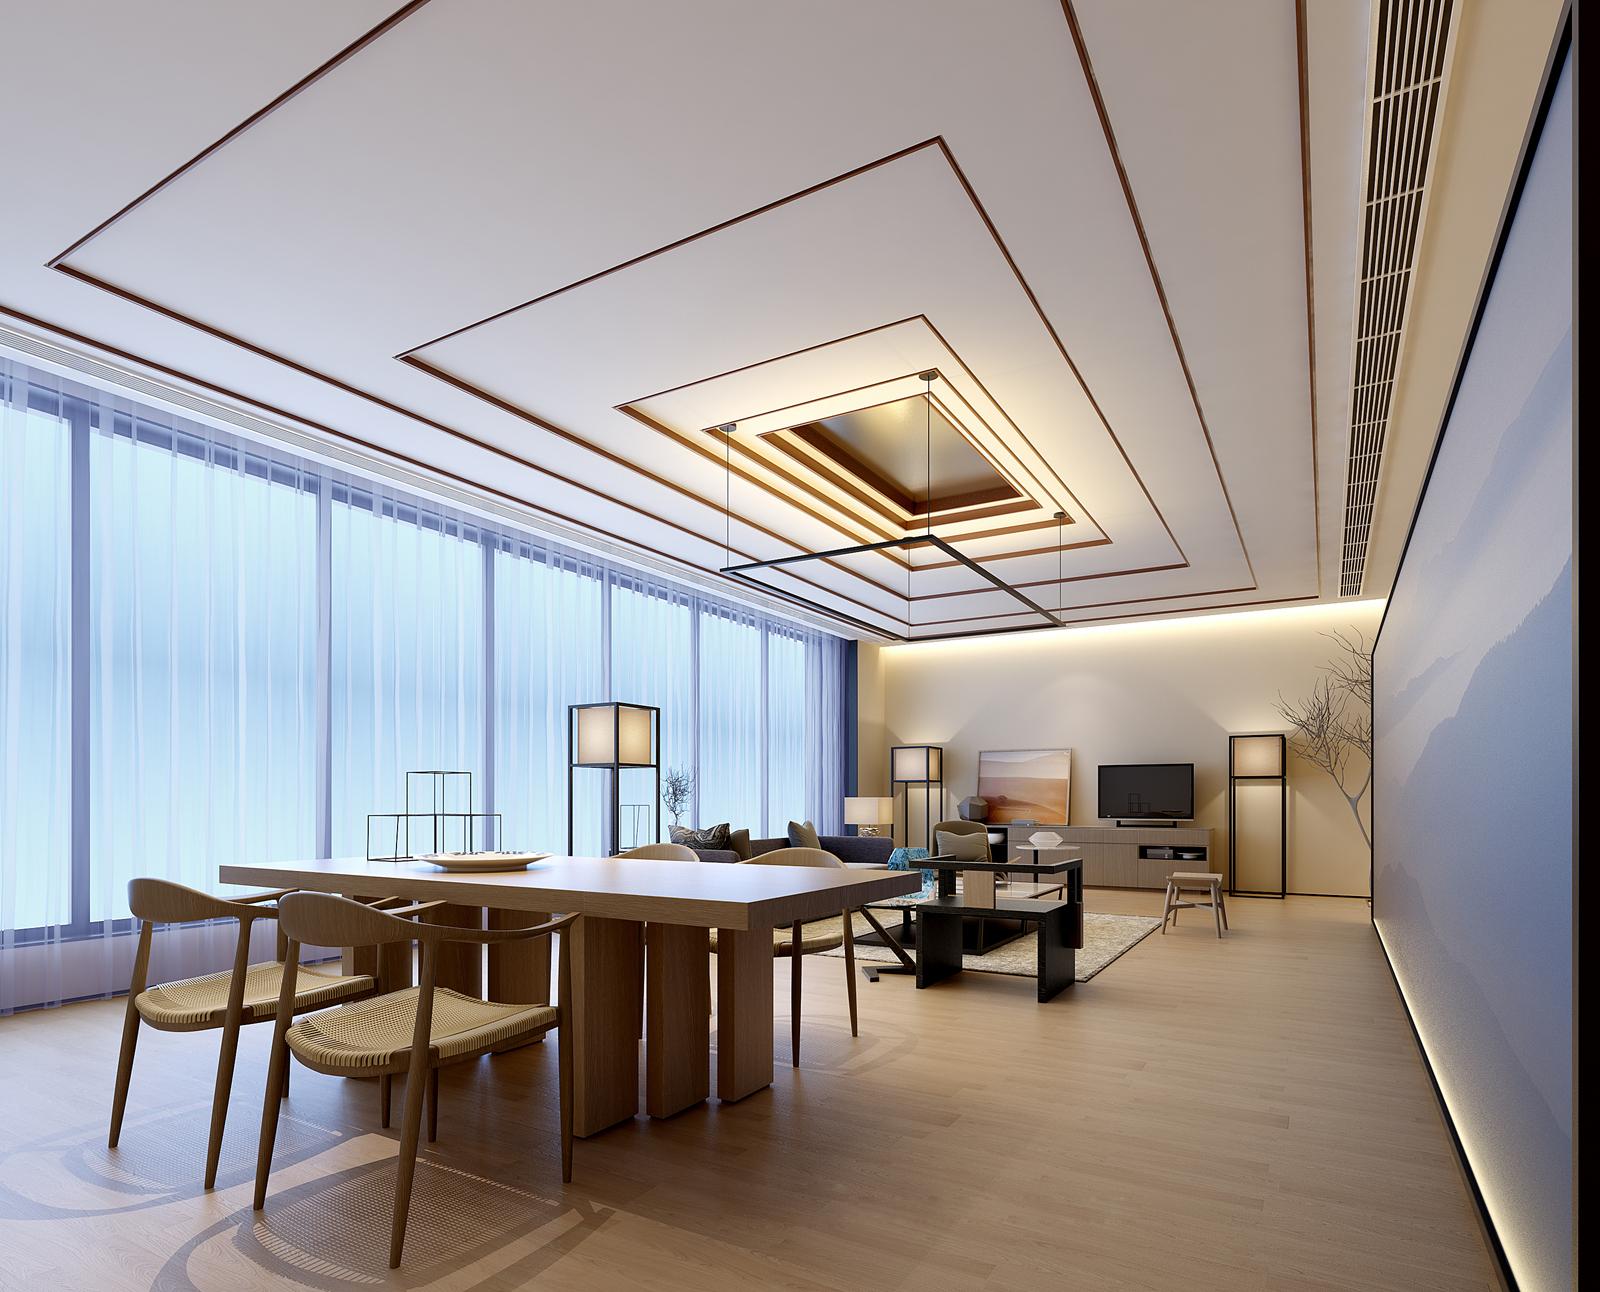 thiết kế căn hộ với phong cách tối giản cùng Inest